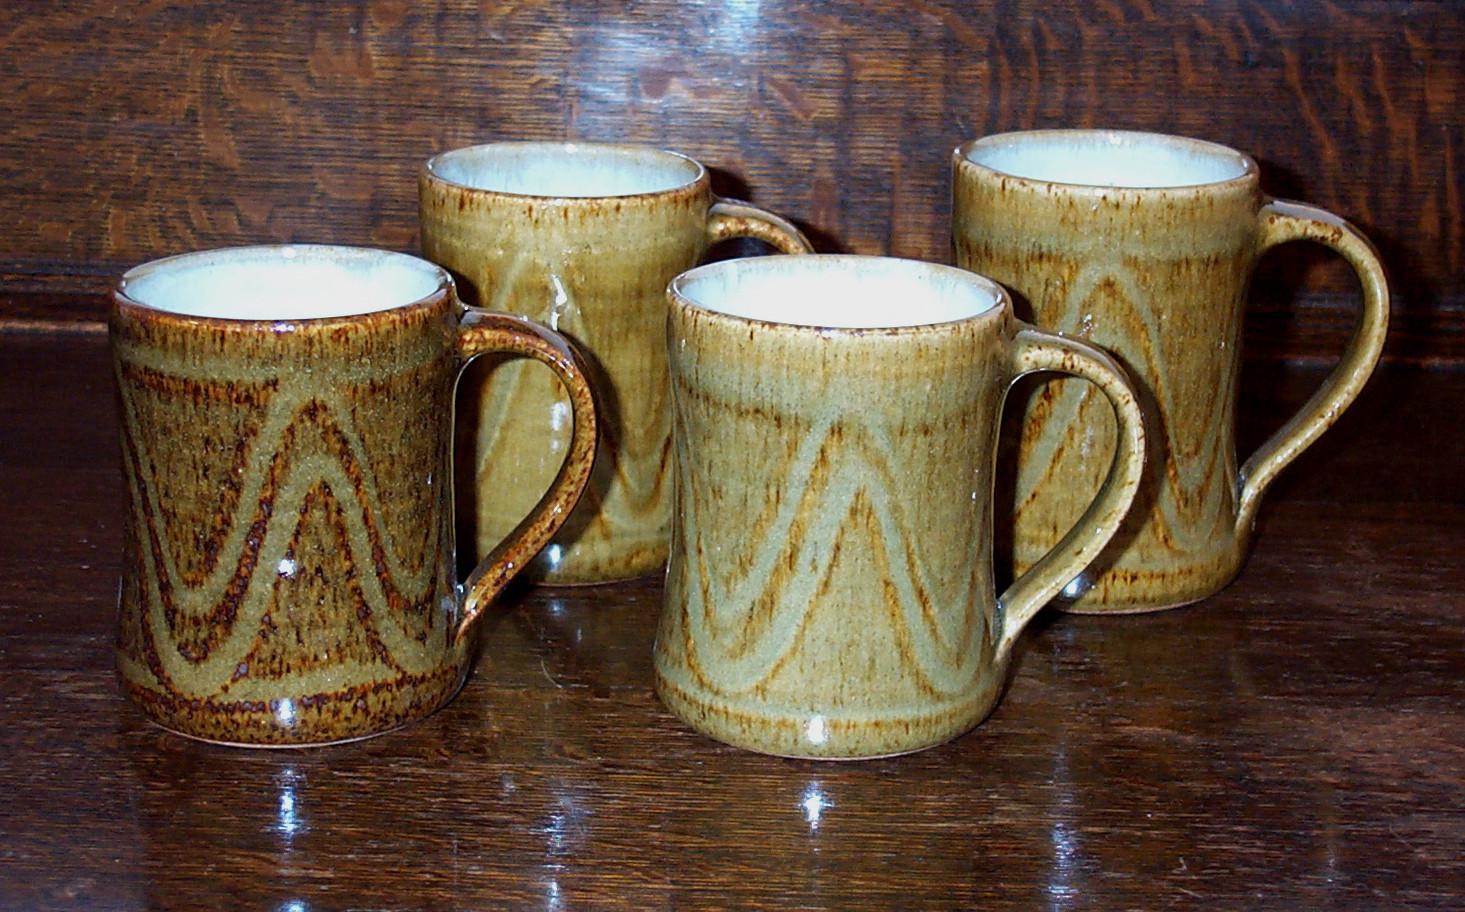 087-090  mugs.jpg